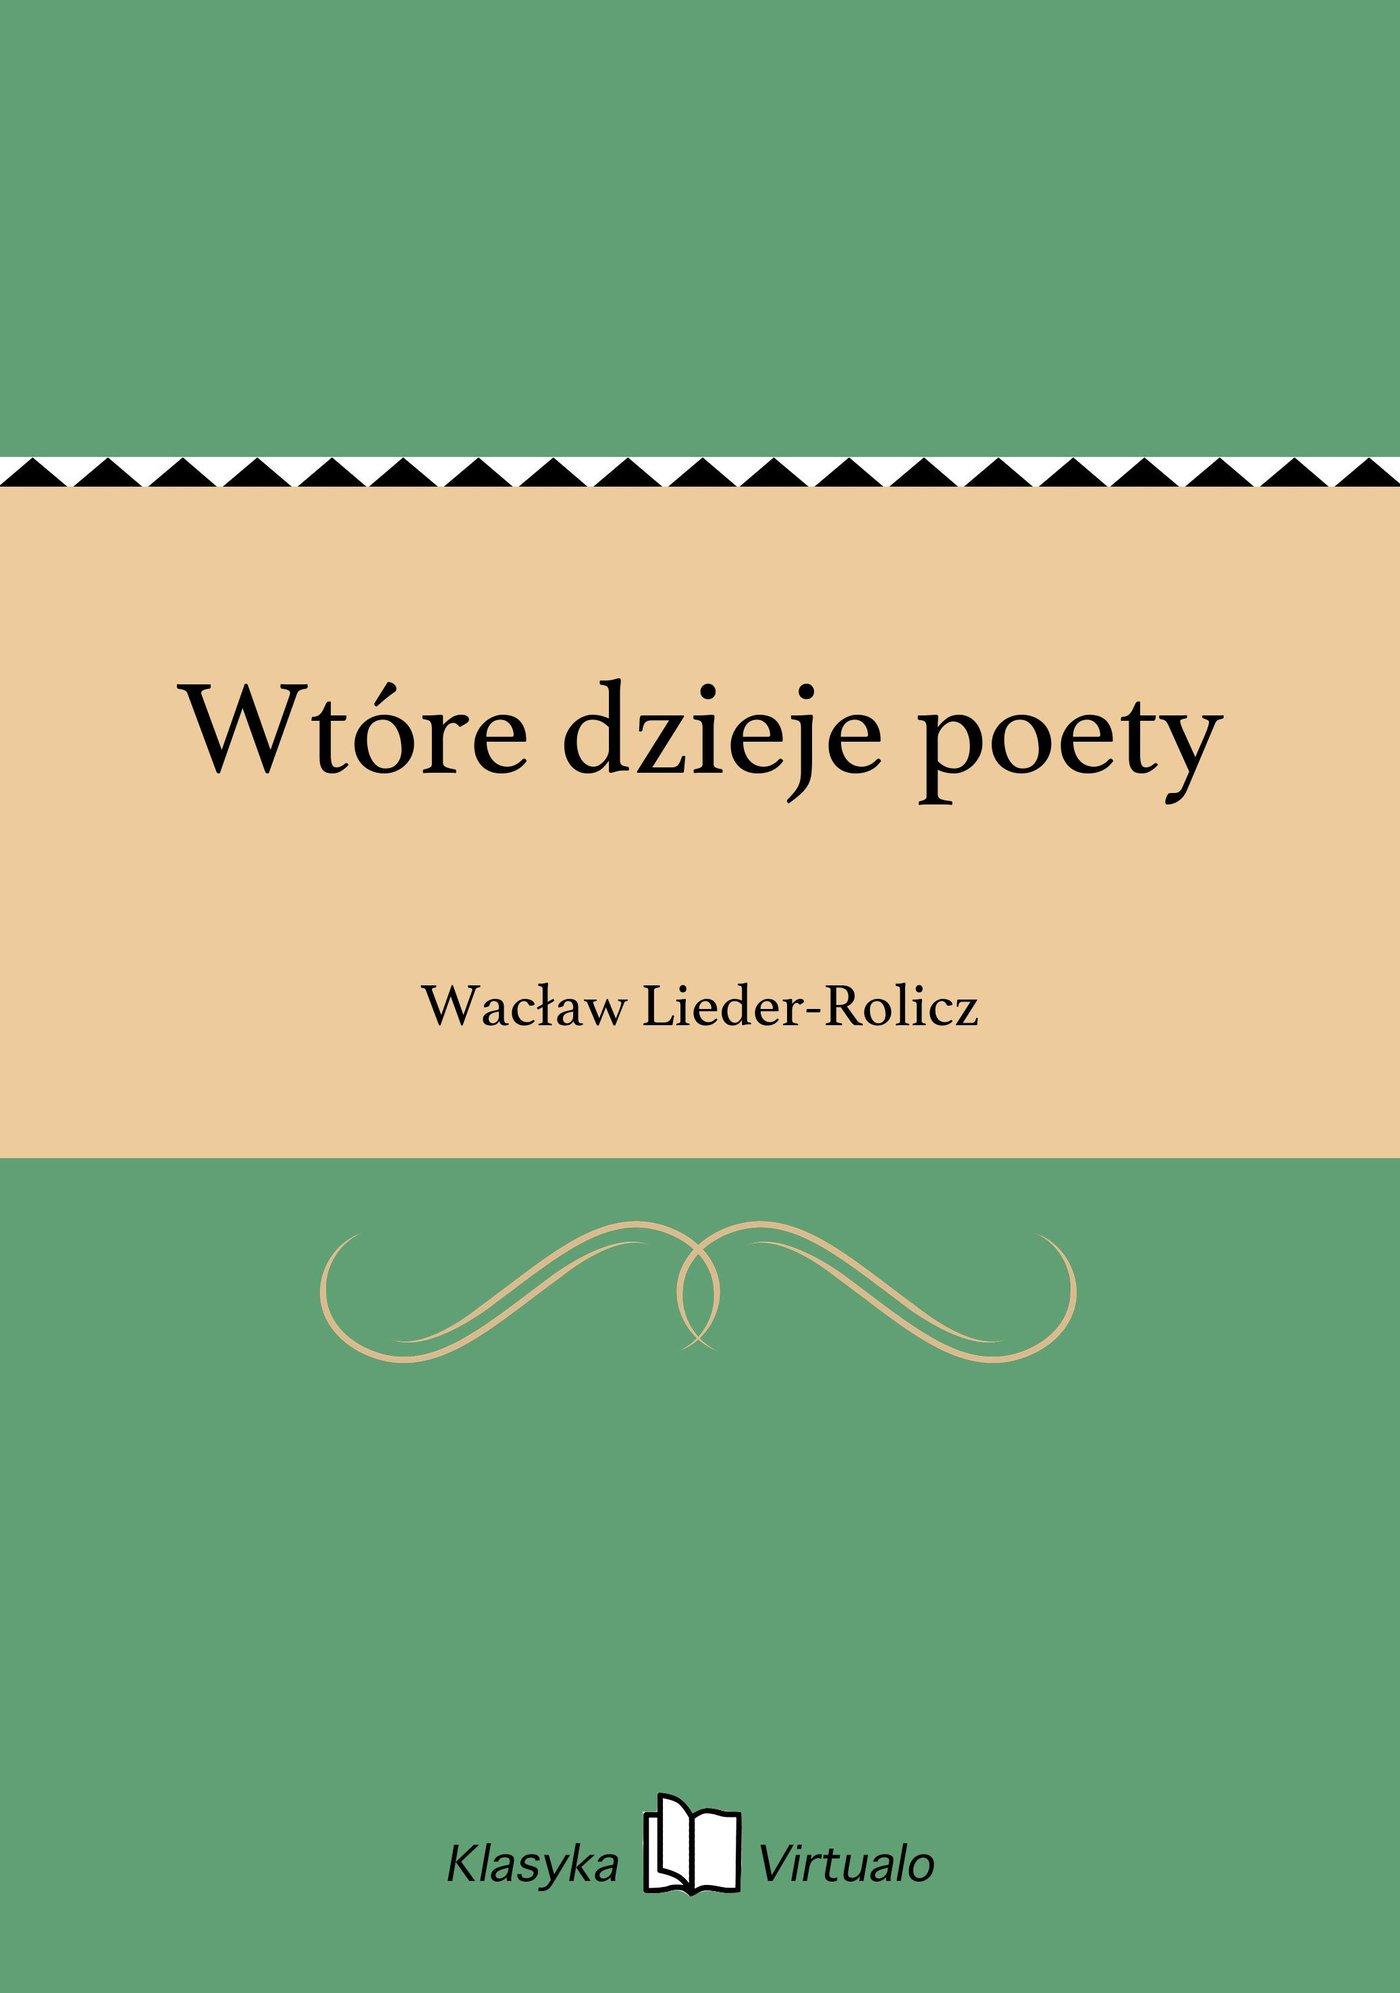 Wtóre dzieje poety - Ebook (Książka EPUB) do pobrania w formacie EPUB